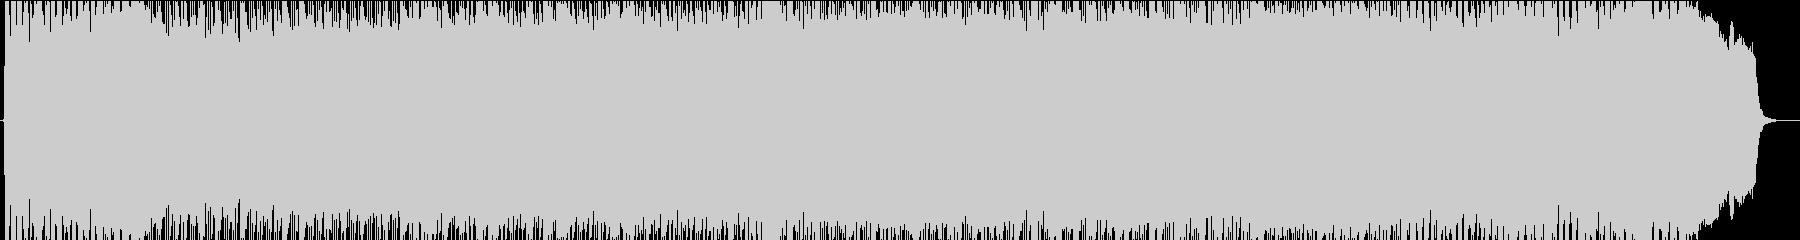 メタル、バイオリンソロ、ゴシック疾走曲♪の未再生の波形